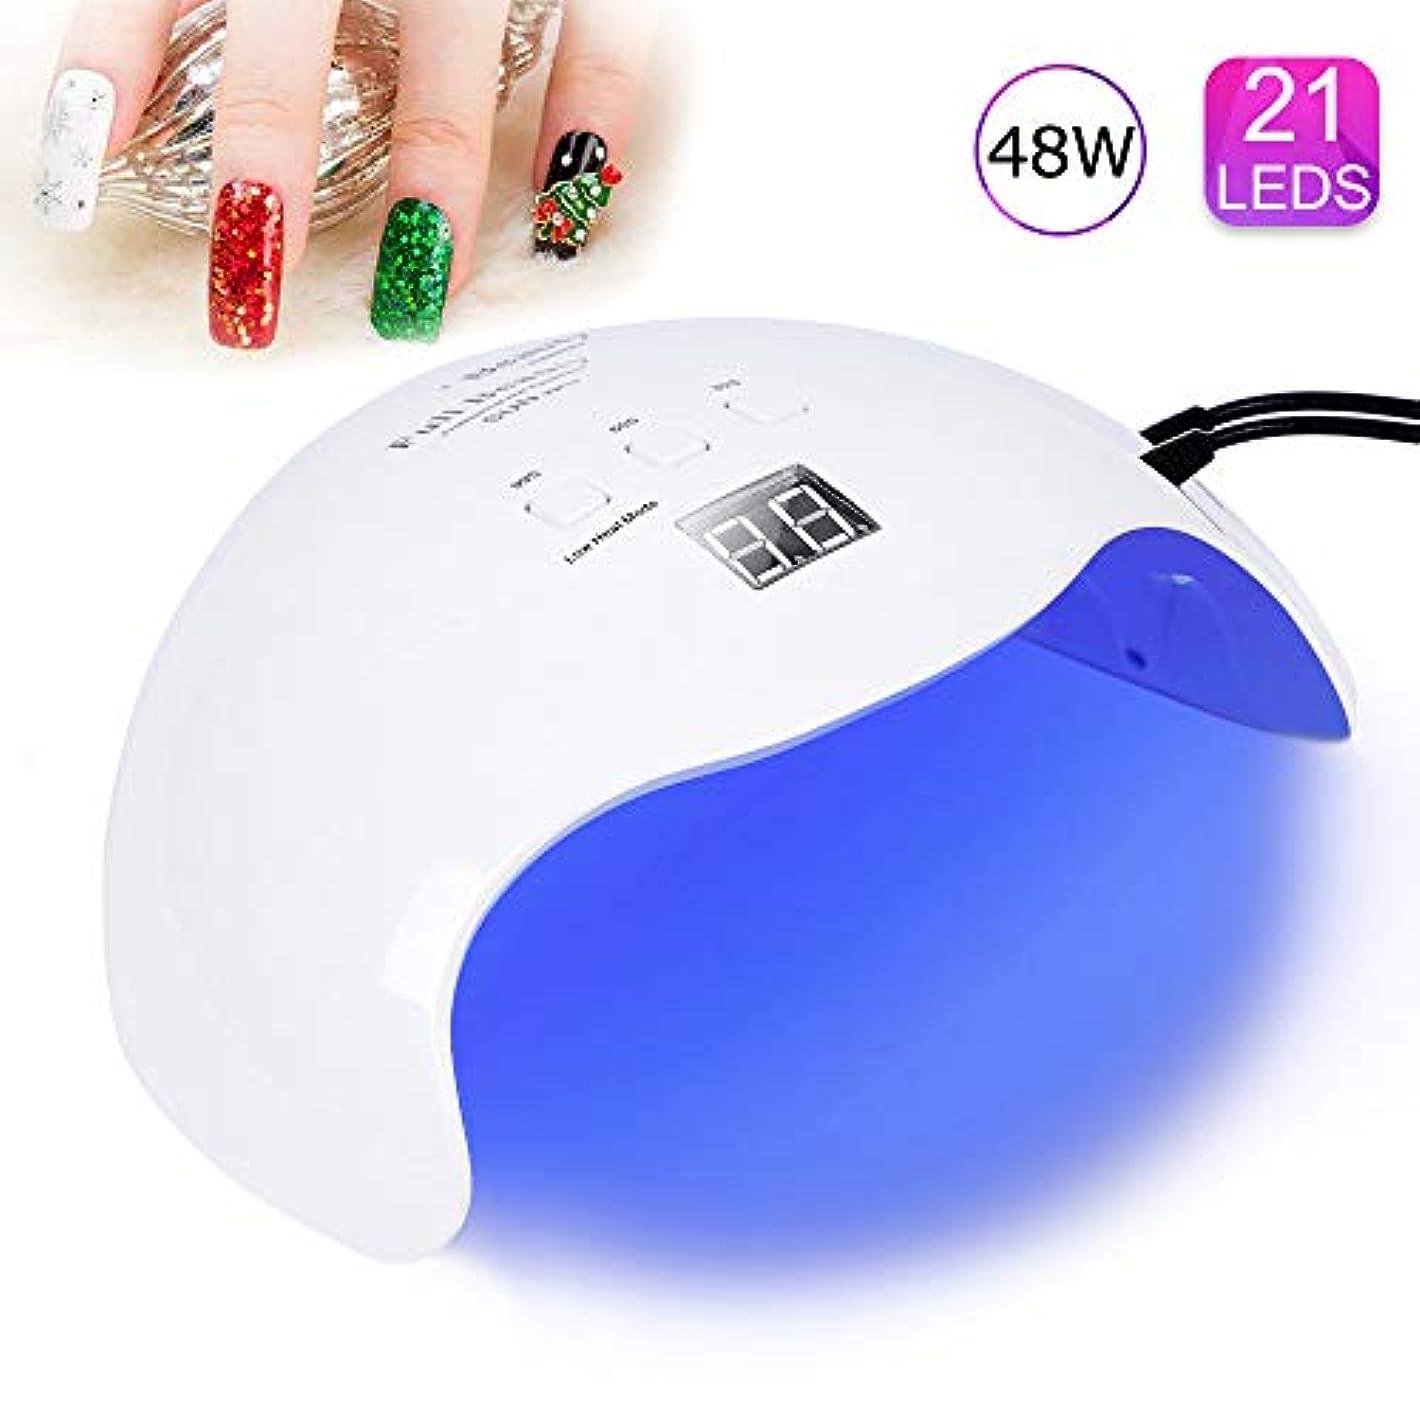 クローゼット対見える紫外線LEDネイルドライヤー、48Wサロン品質プロフェッショナルジェルライト、3タイマーセットネイルライト、インテリジェント自動検知、LEDデジタルディスプレイ、UVジェル/